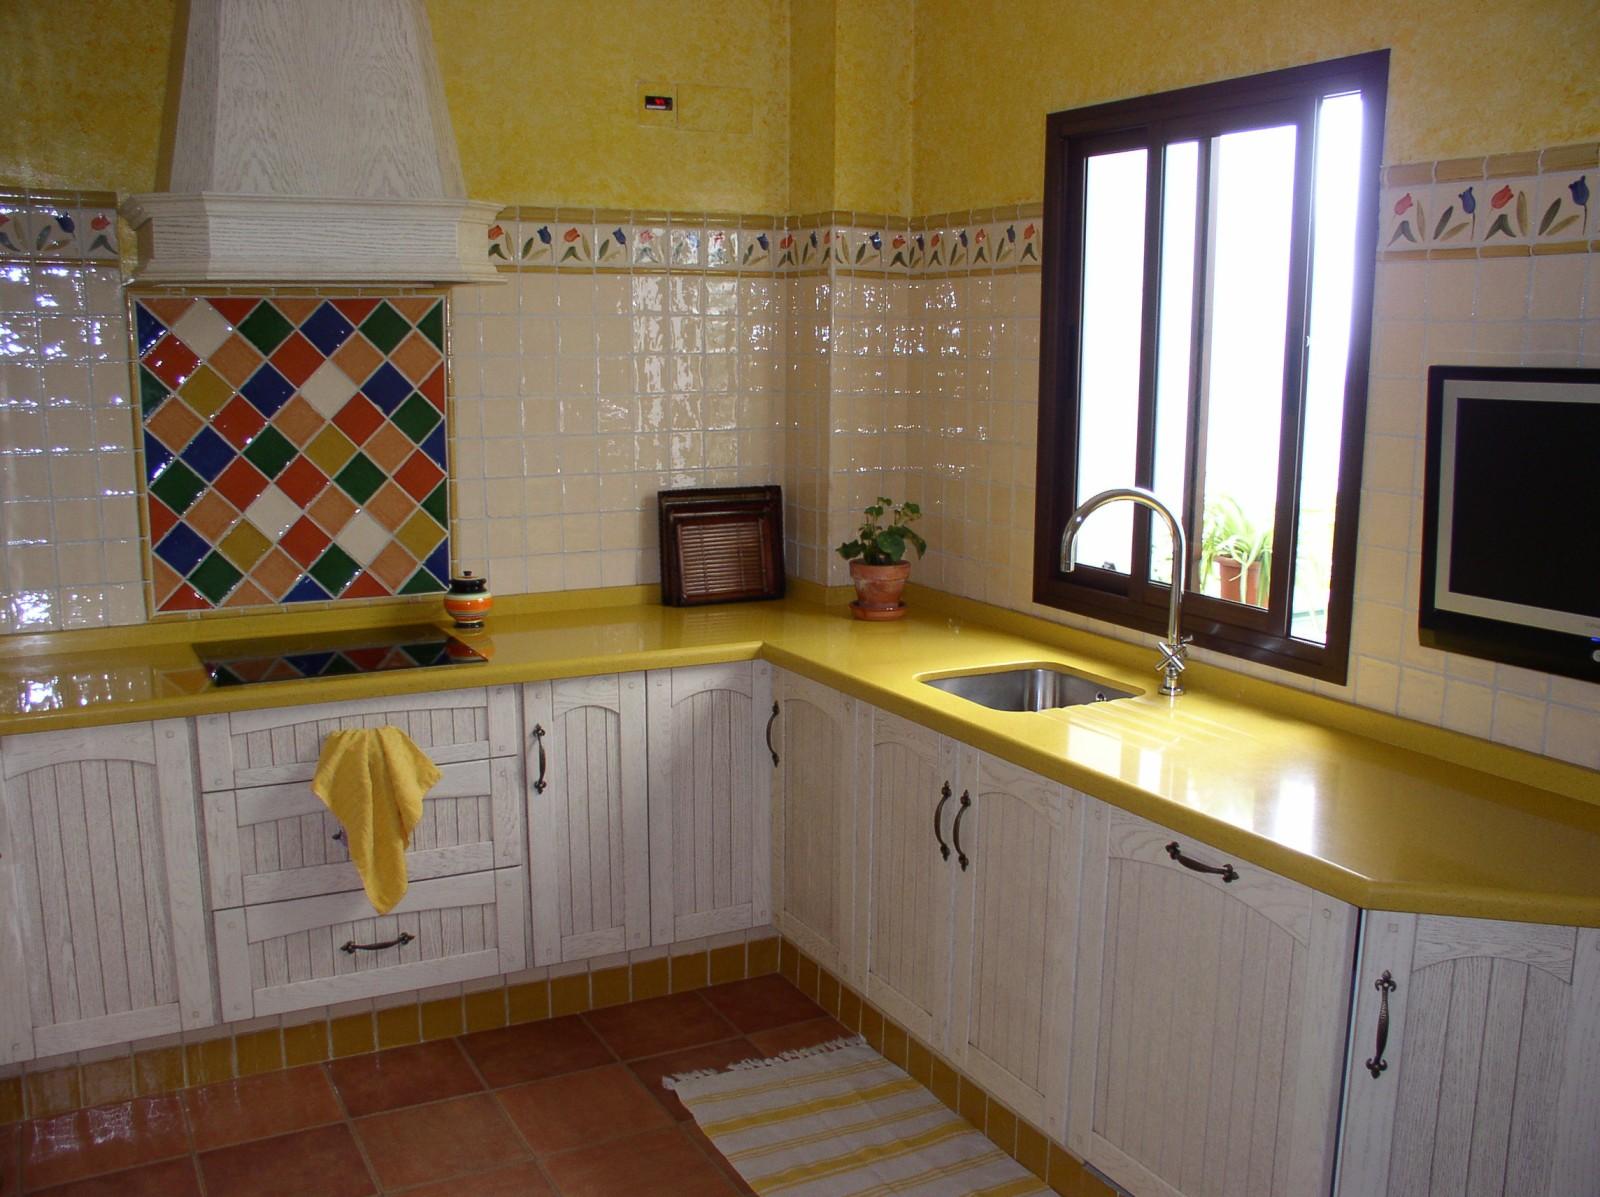 Incoeci muebles de cija - Muebles de cocina albacete ...